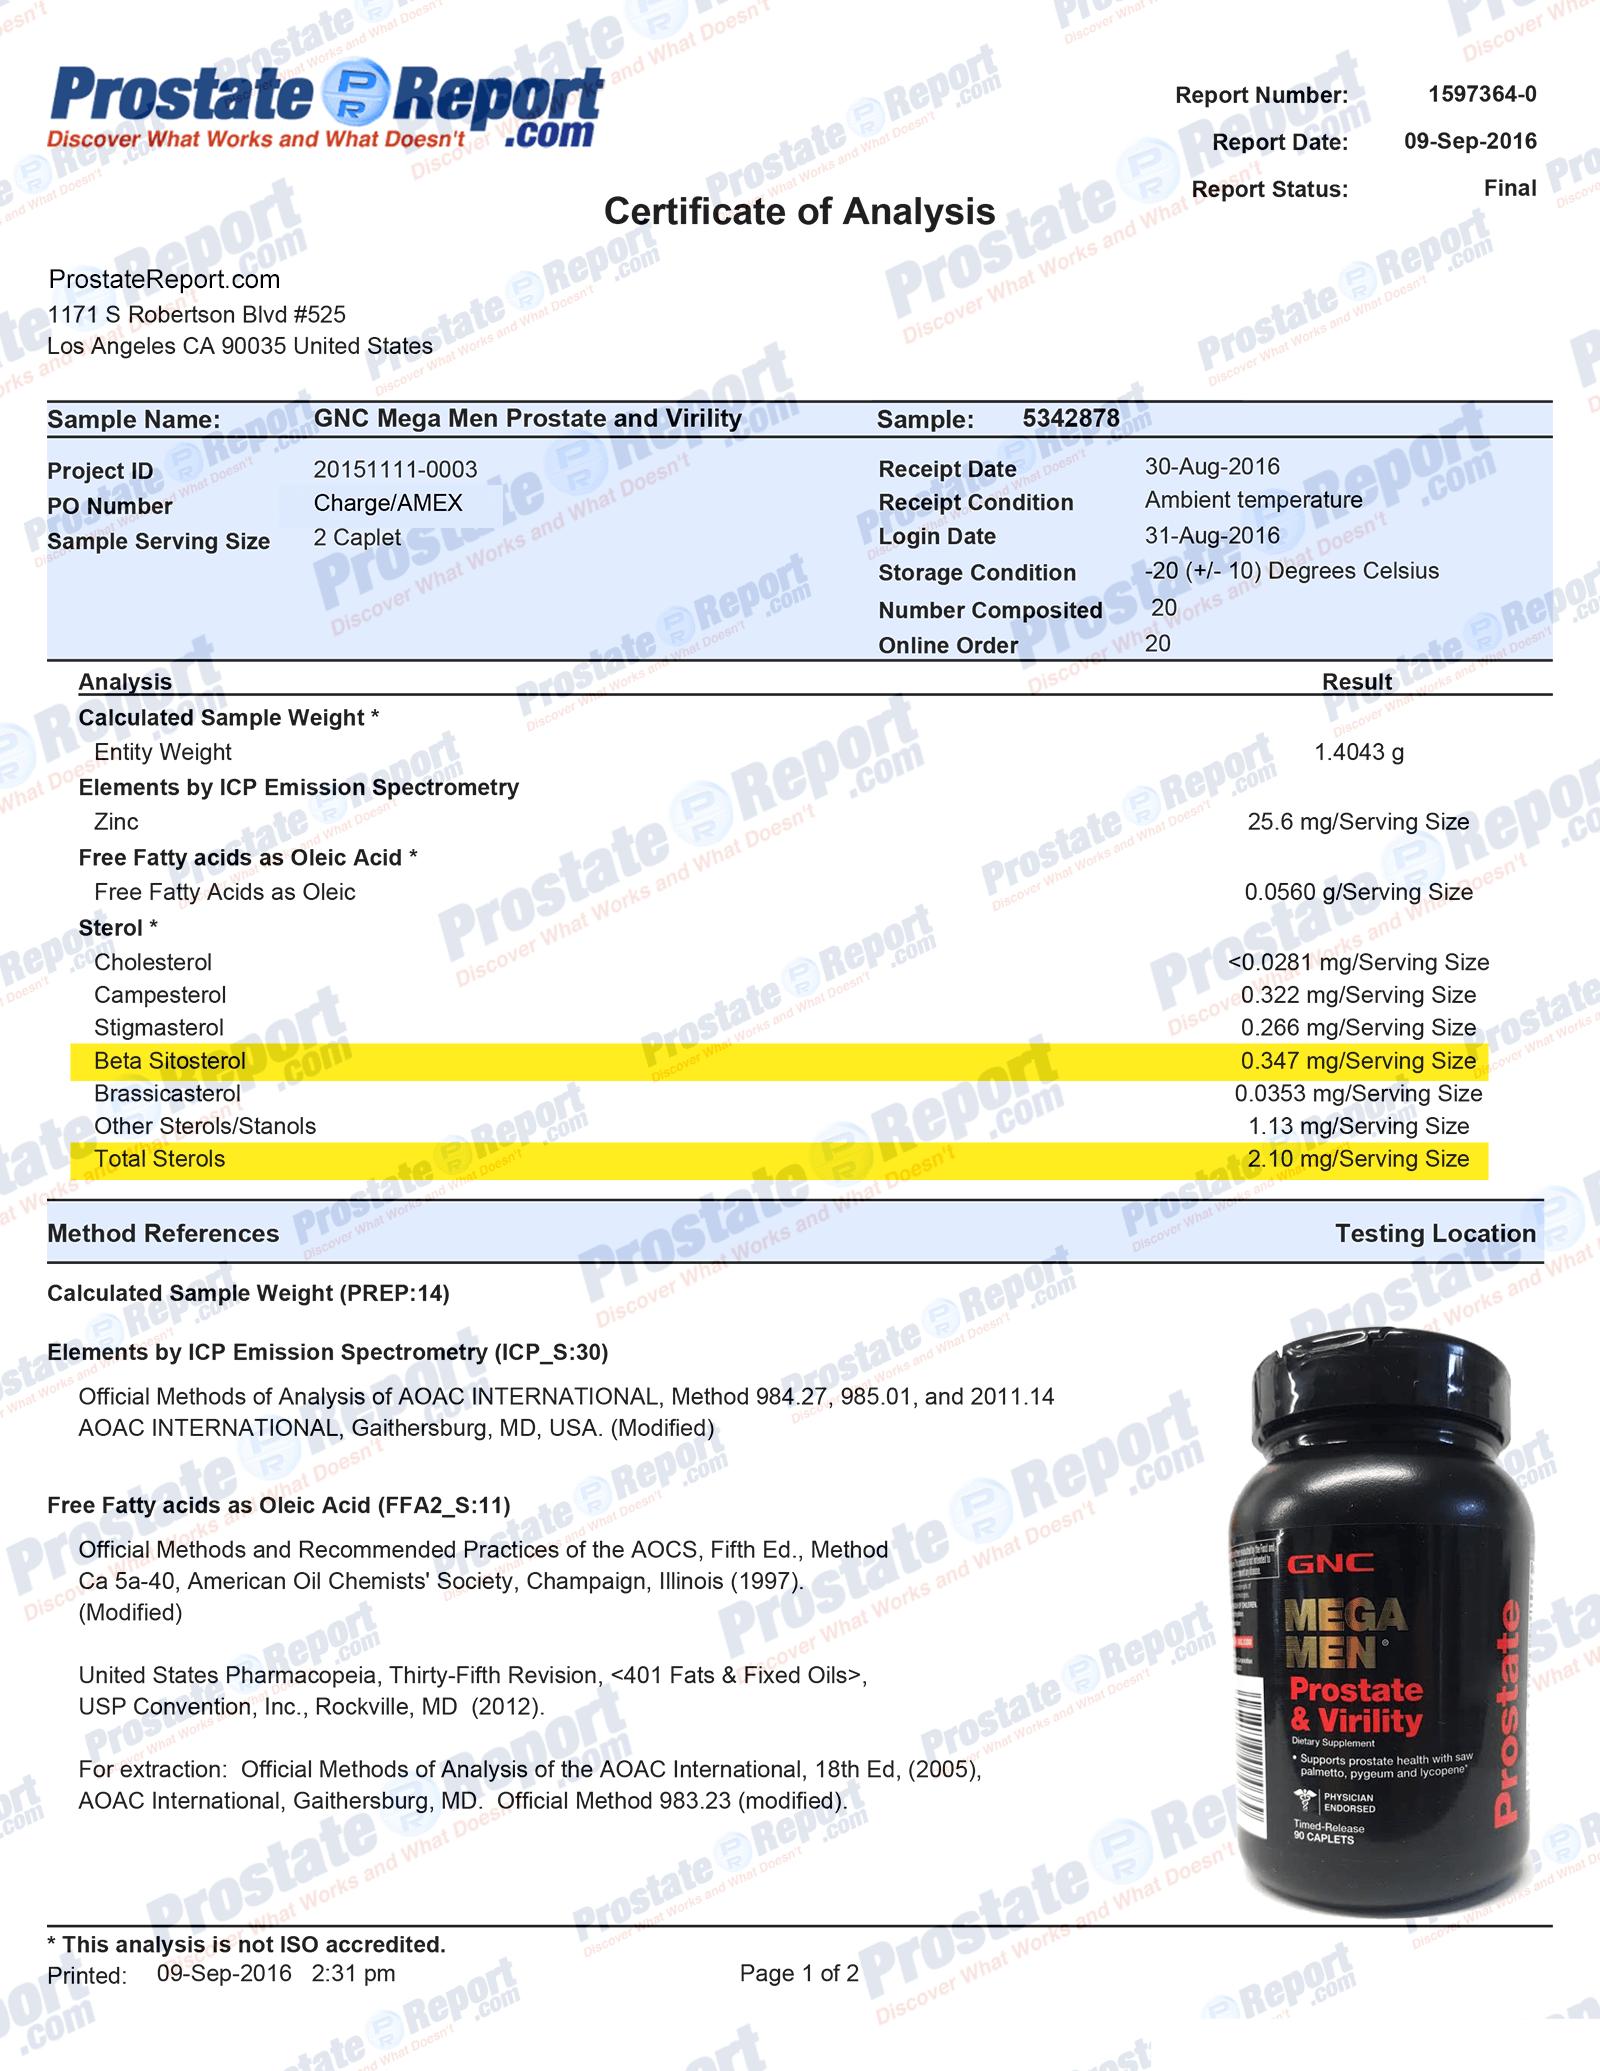 GNC Mega Men Prostate & Virility lab report